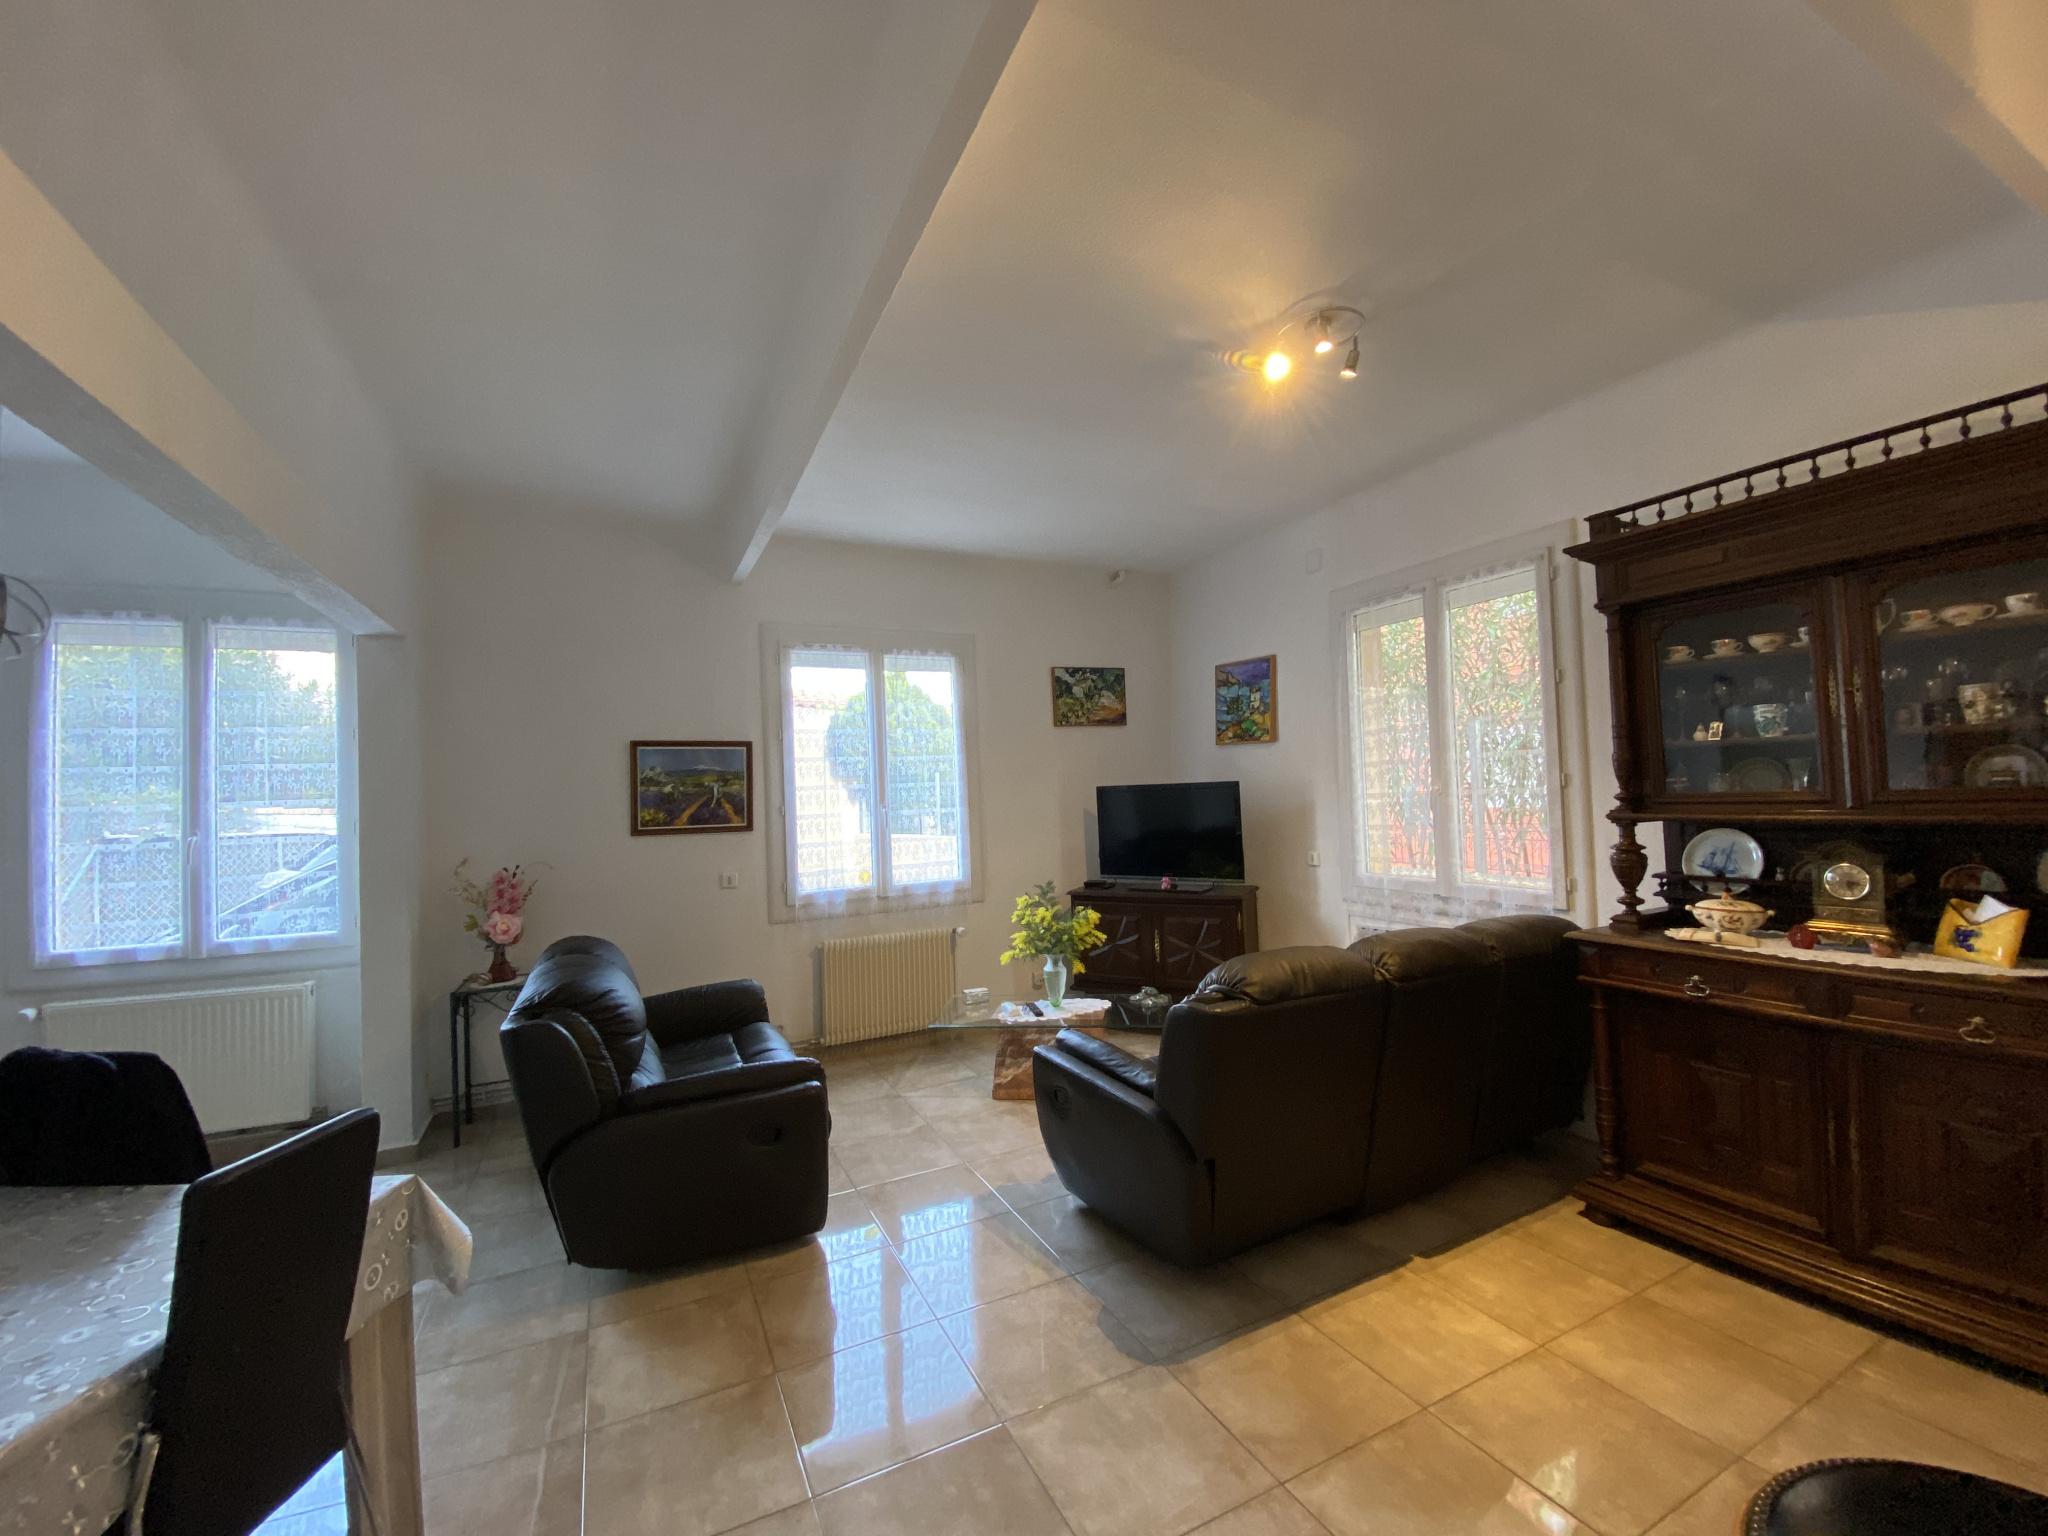 À vendre appartement de 104.21m2 à argeles sur mer (66700) - Photo 4'